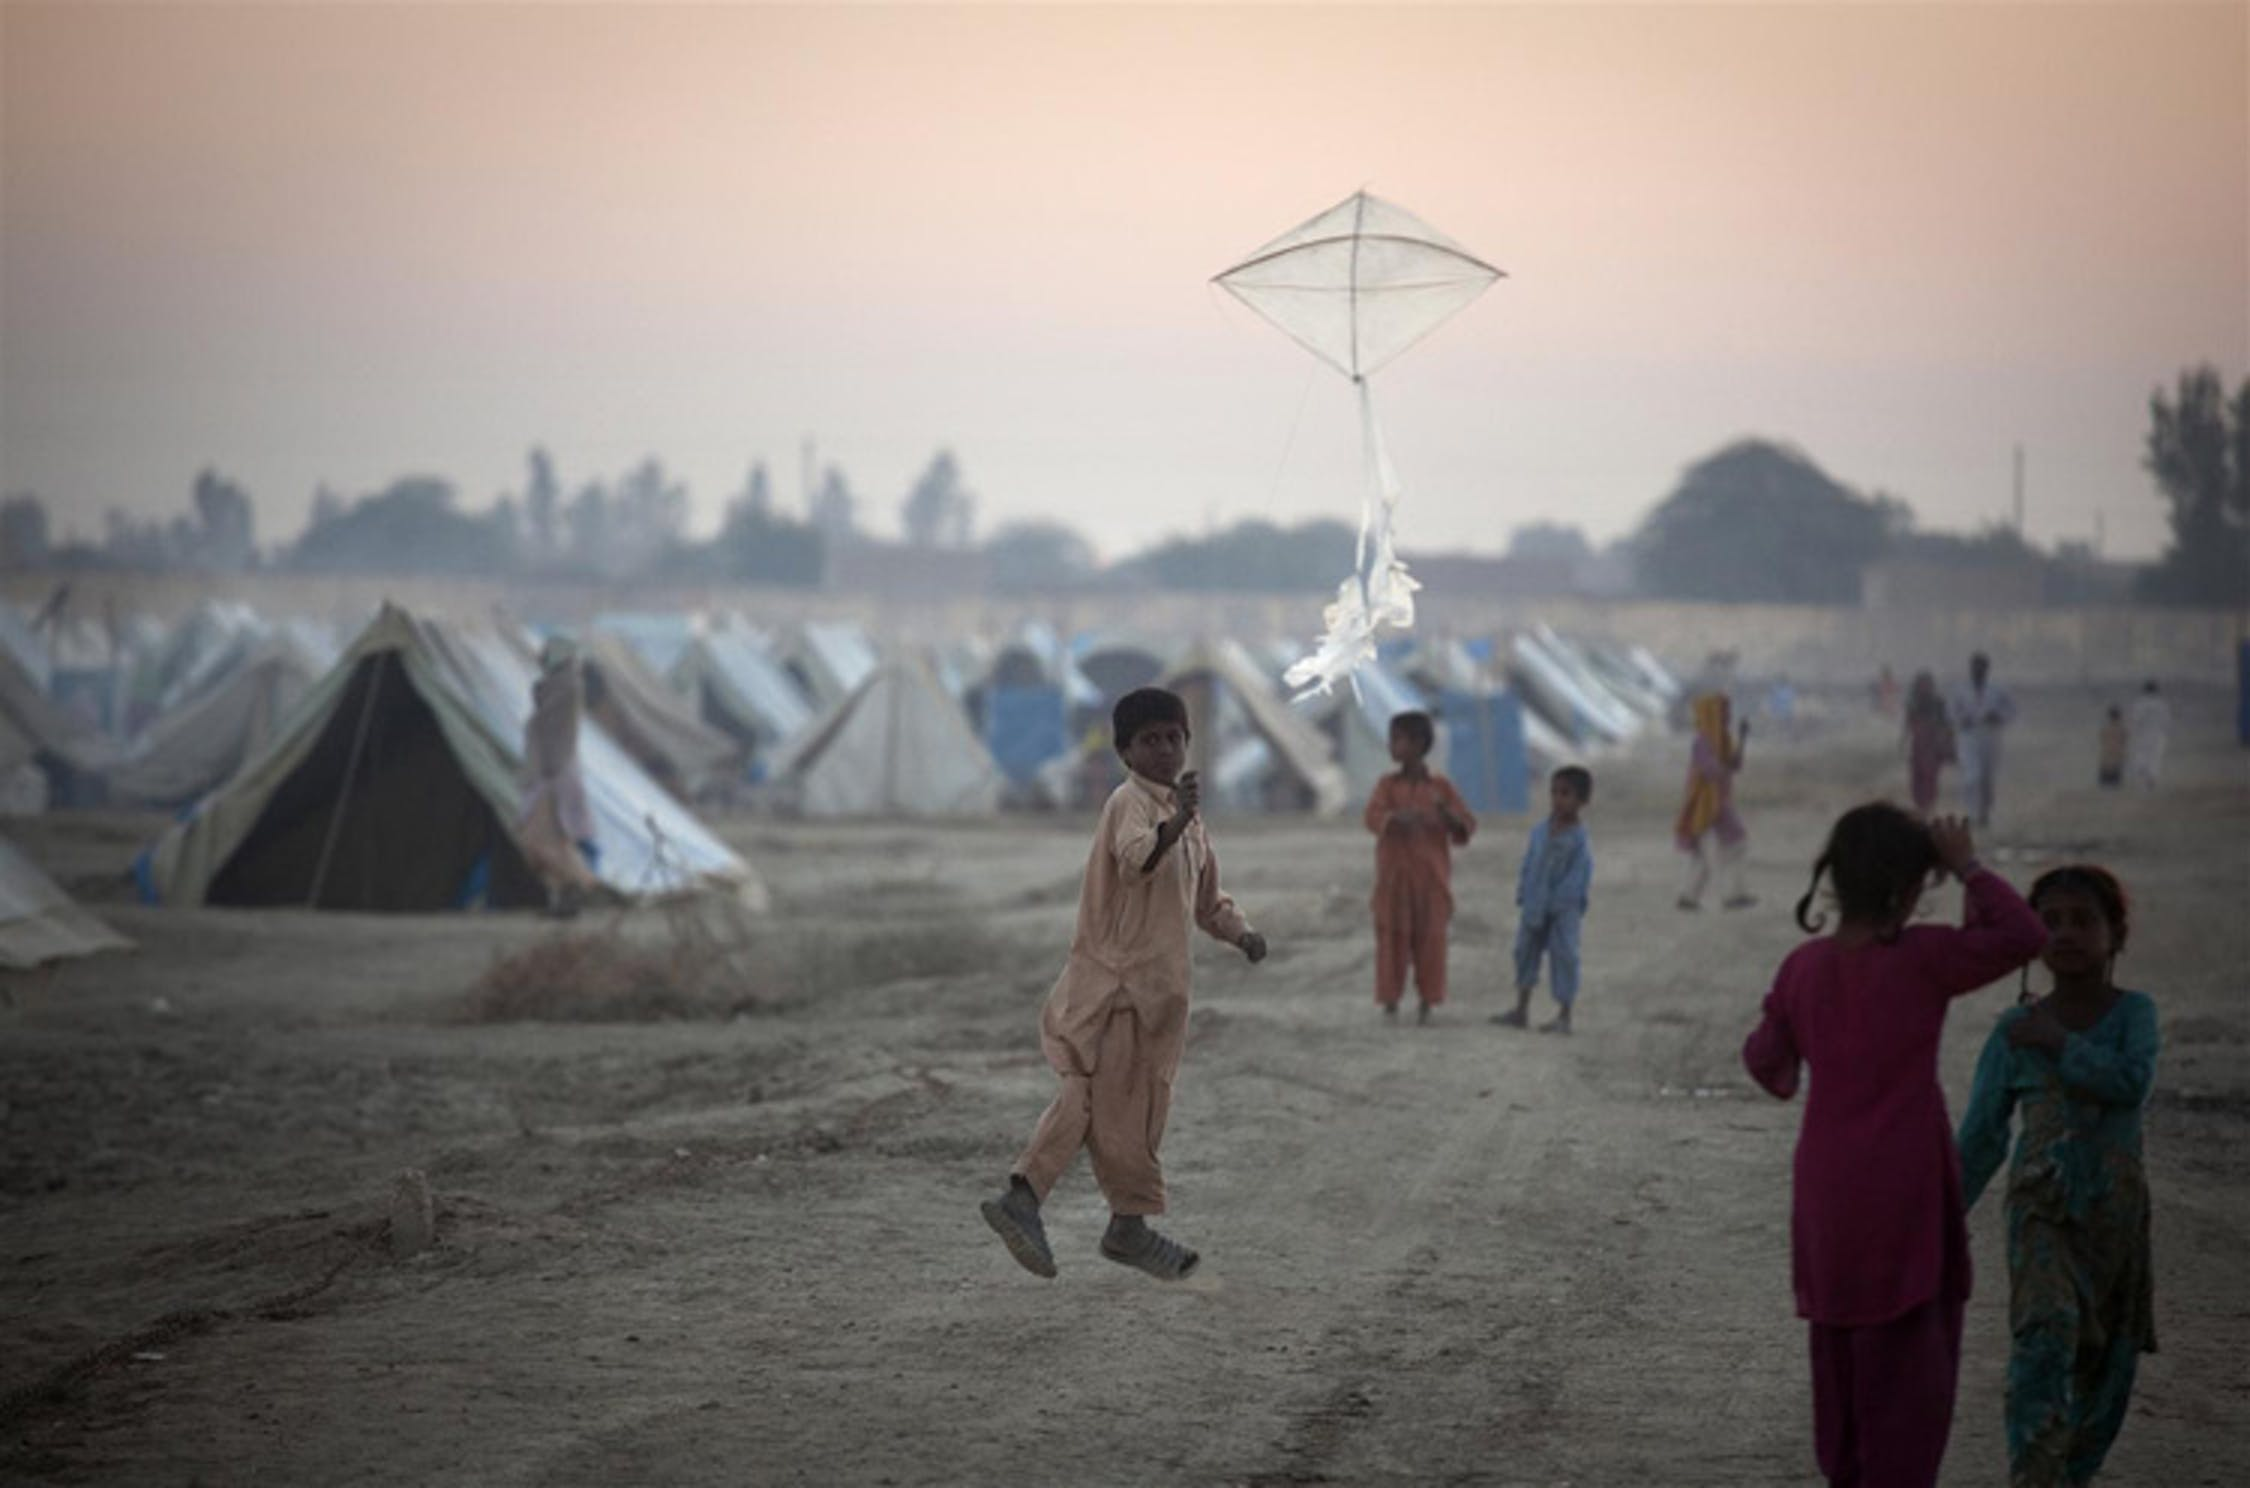 Pakistan - ©UNICEF/NYHQ2010-2733/Ramoneda